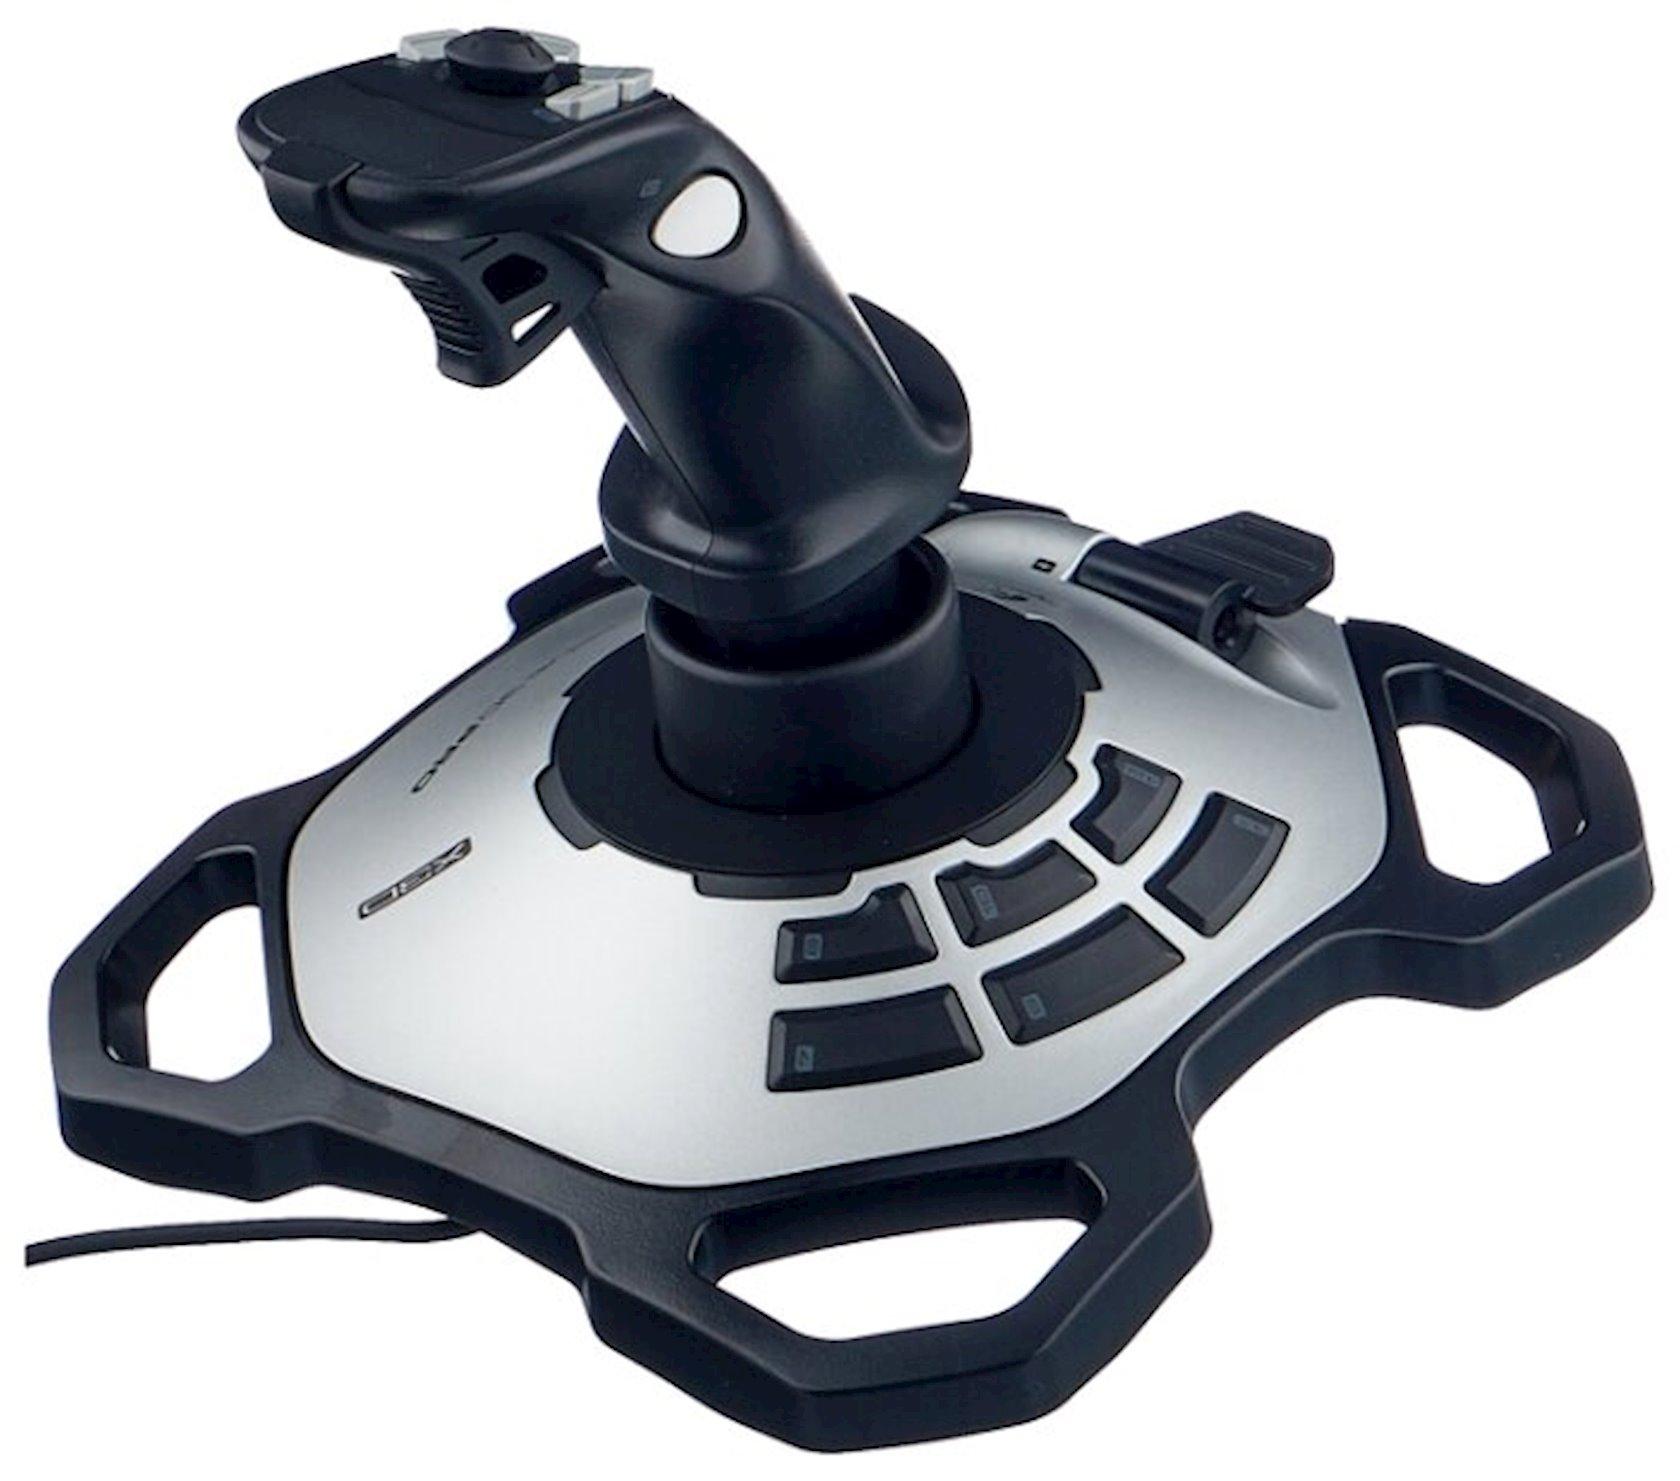 Coystik LOGITECH Joystick Extreme 3D Pro